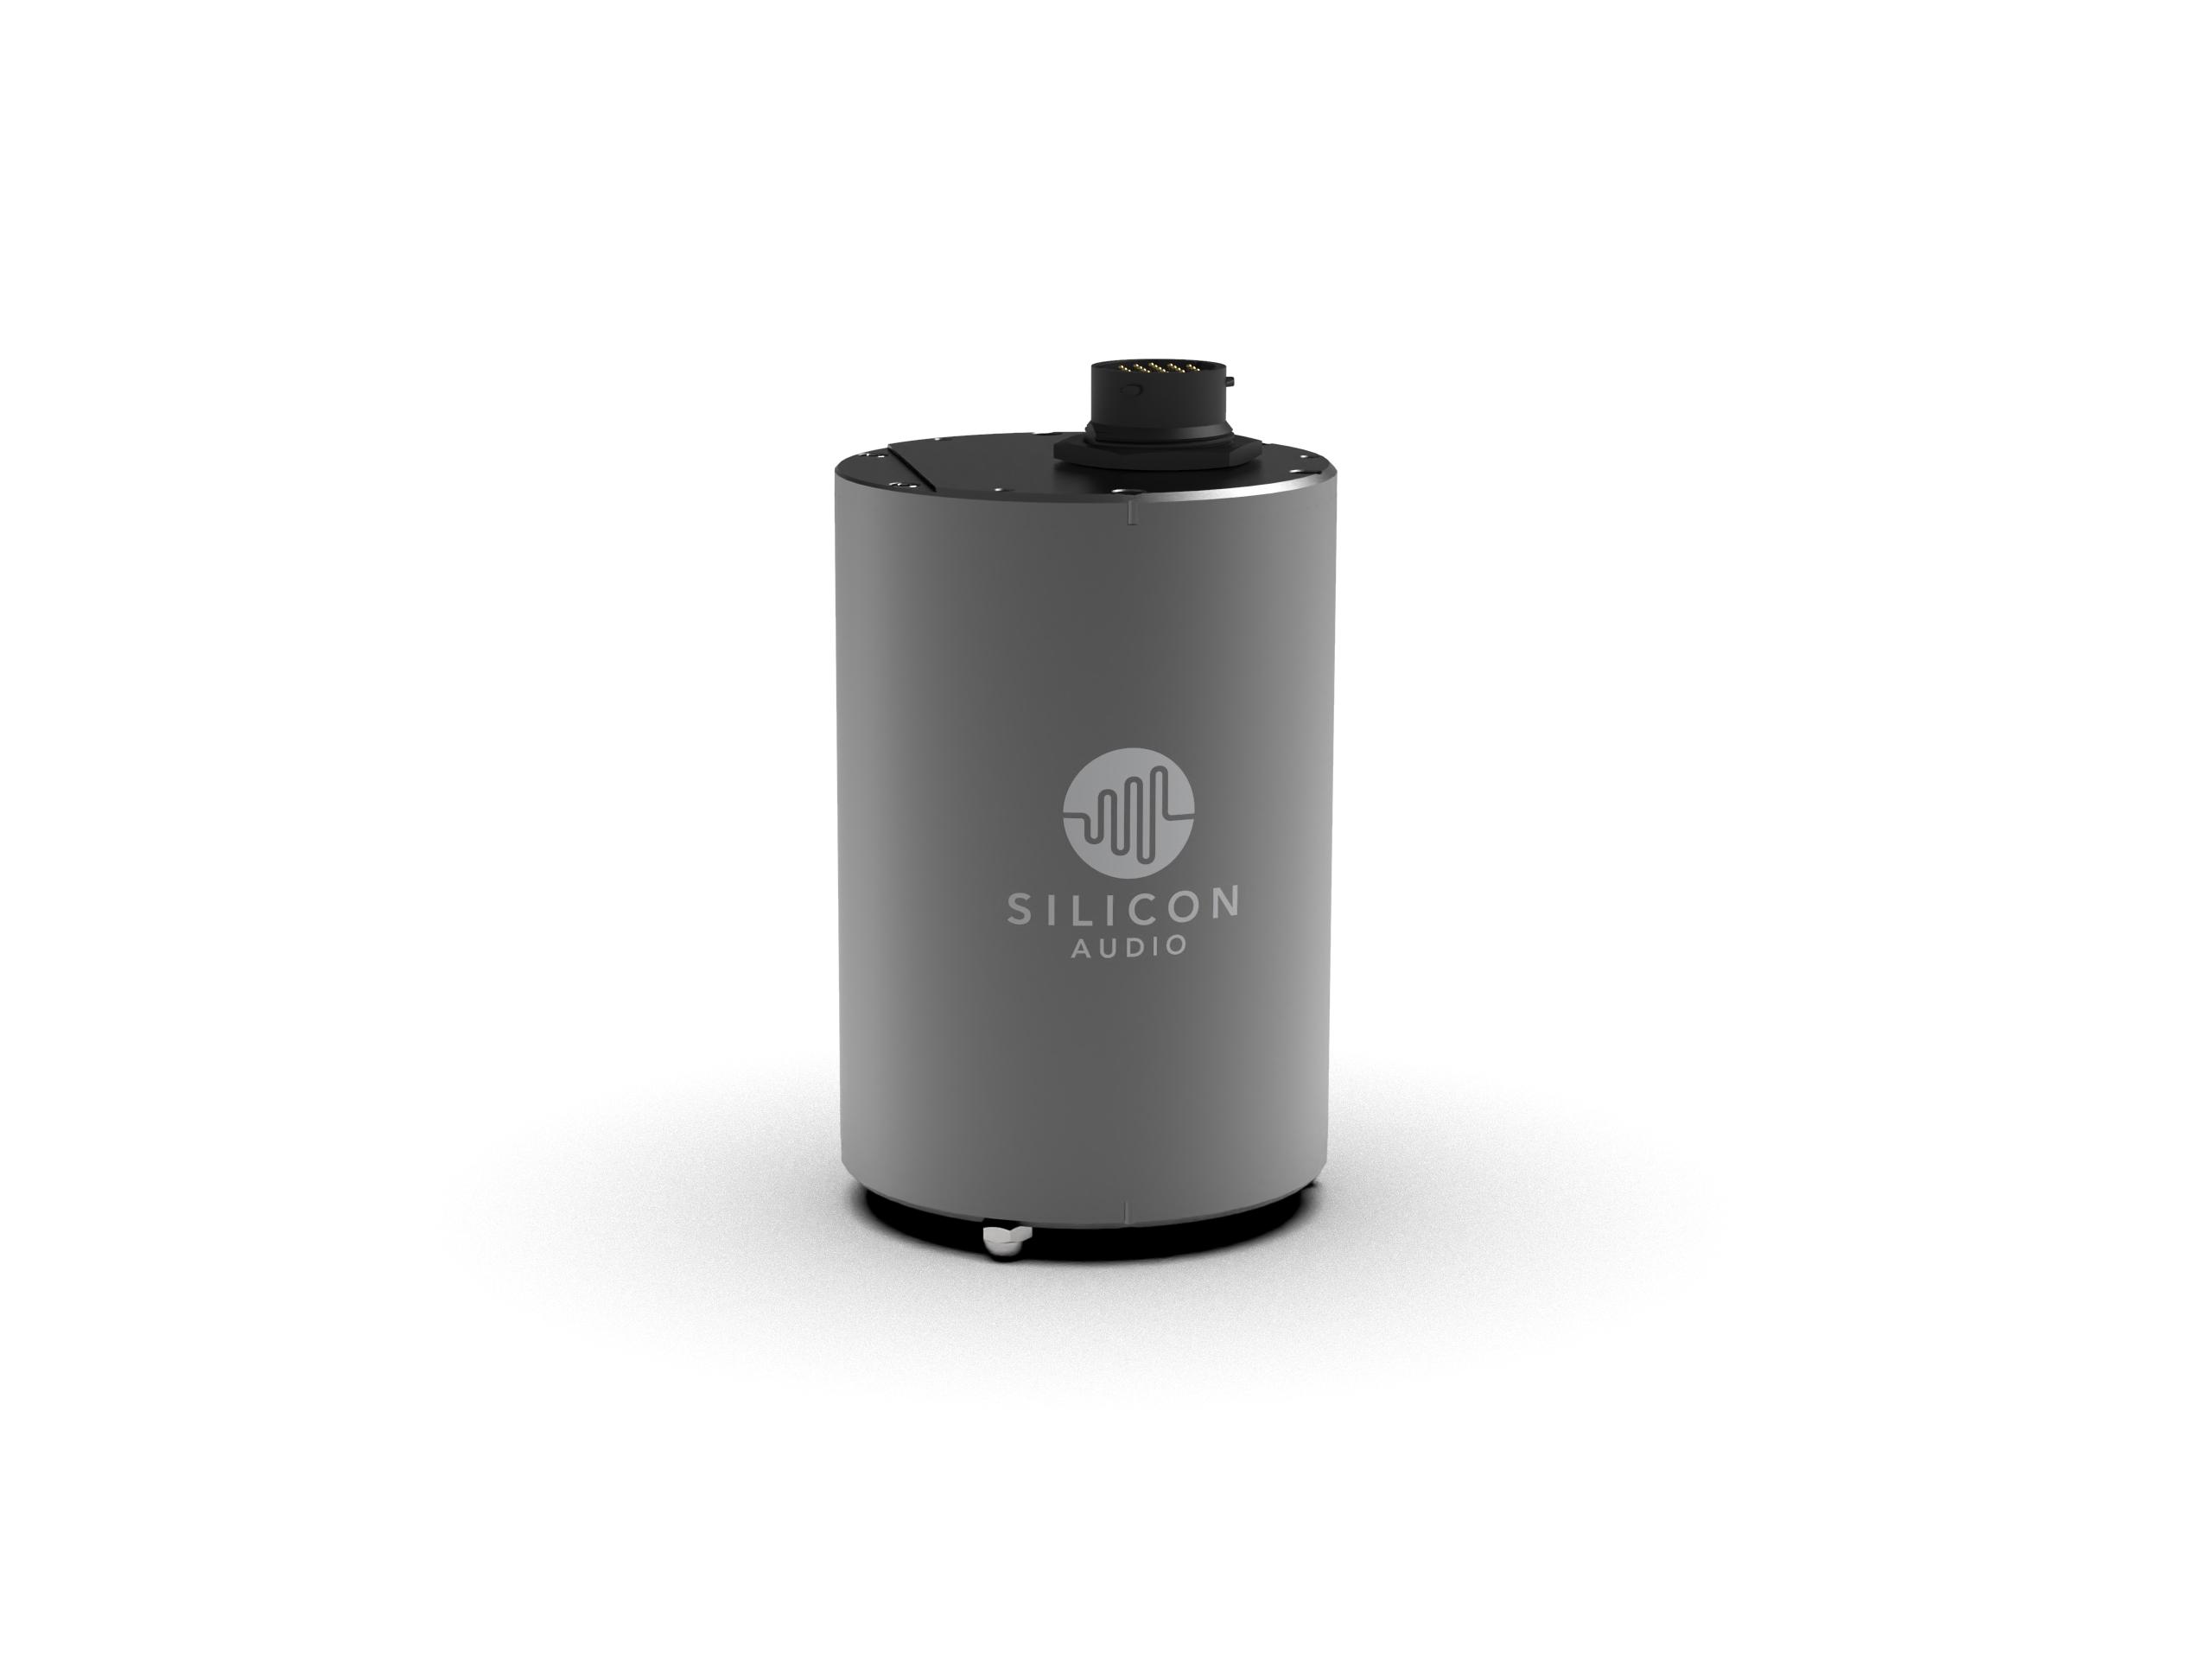 Image Showing Silicon Audio Posthole style sensor case